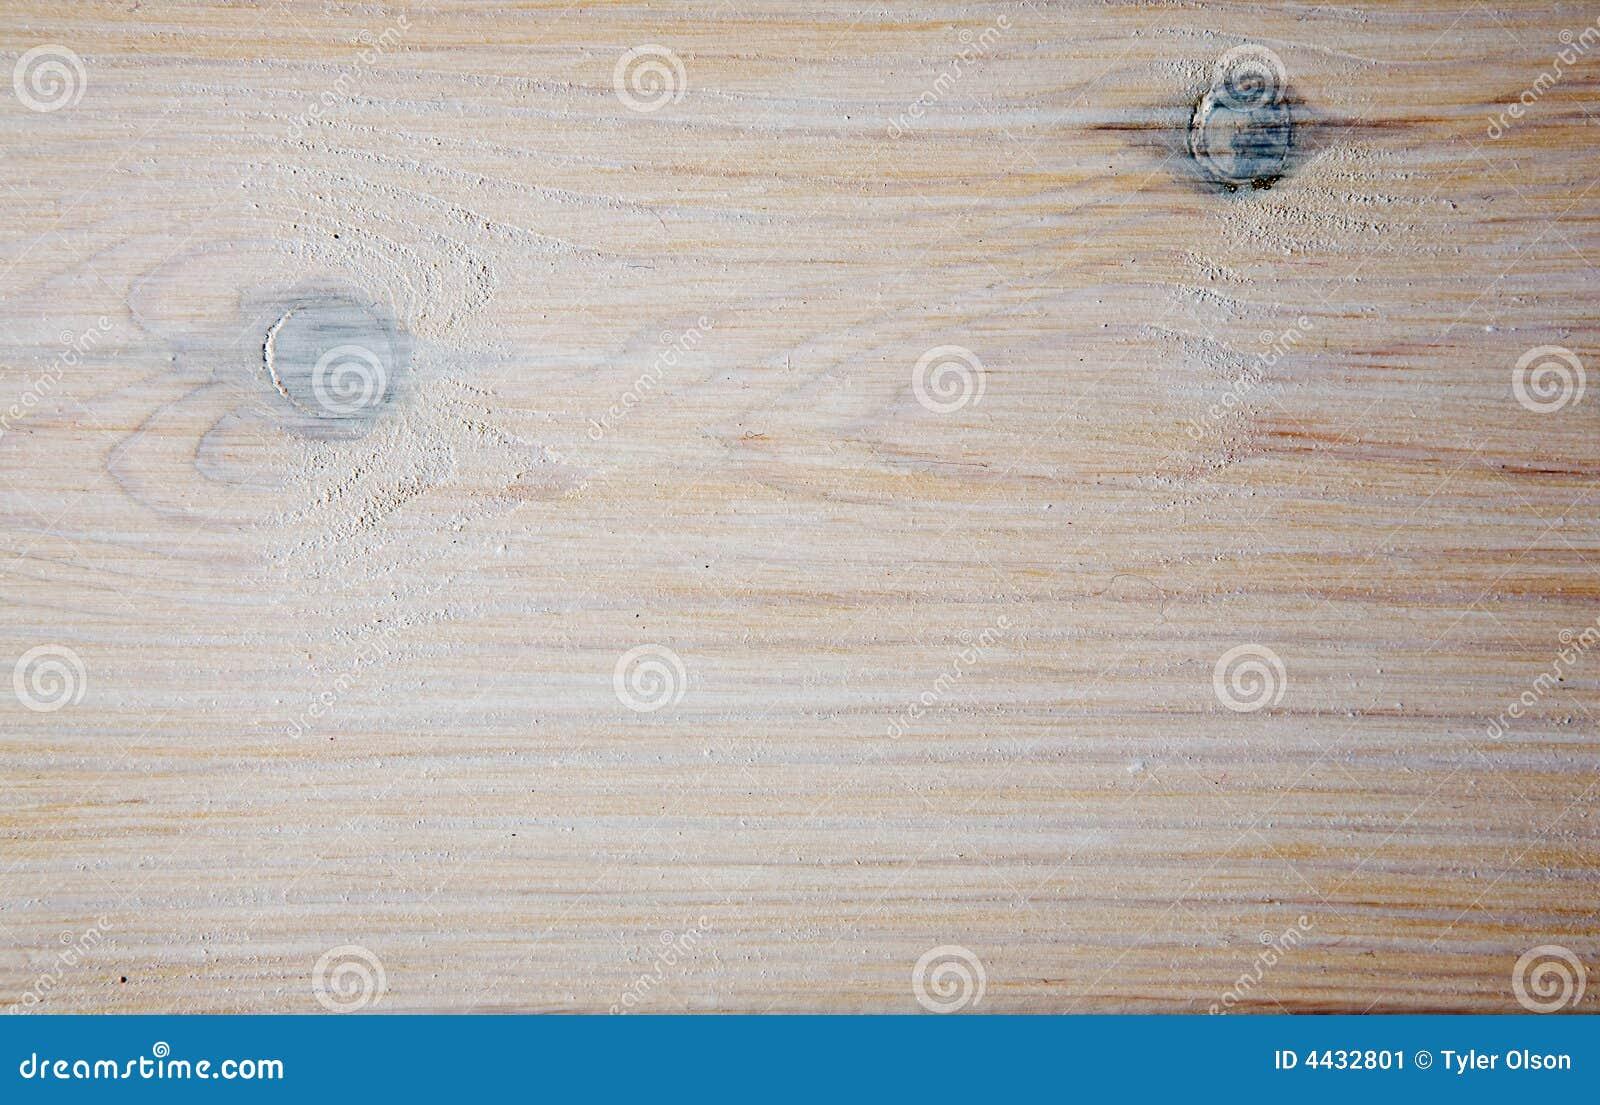 Textura de madeira manchada branca